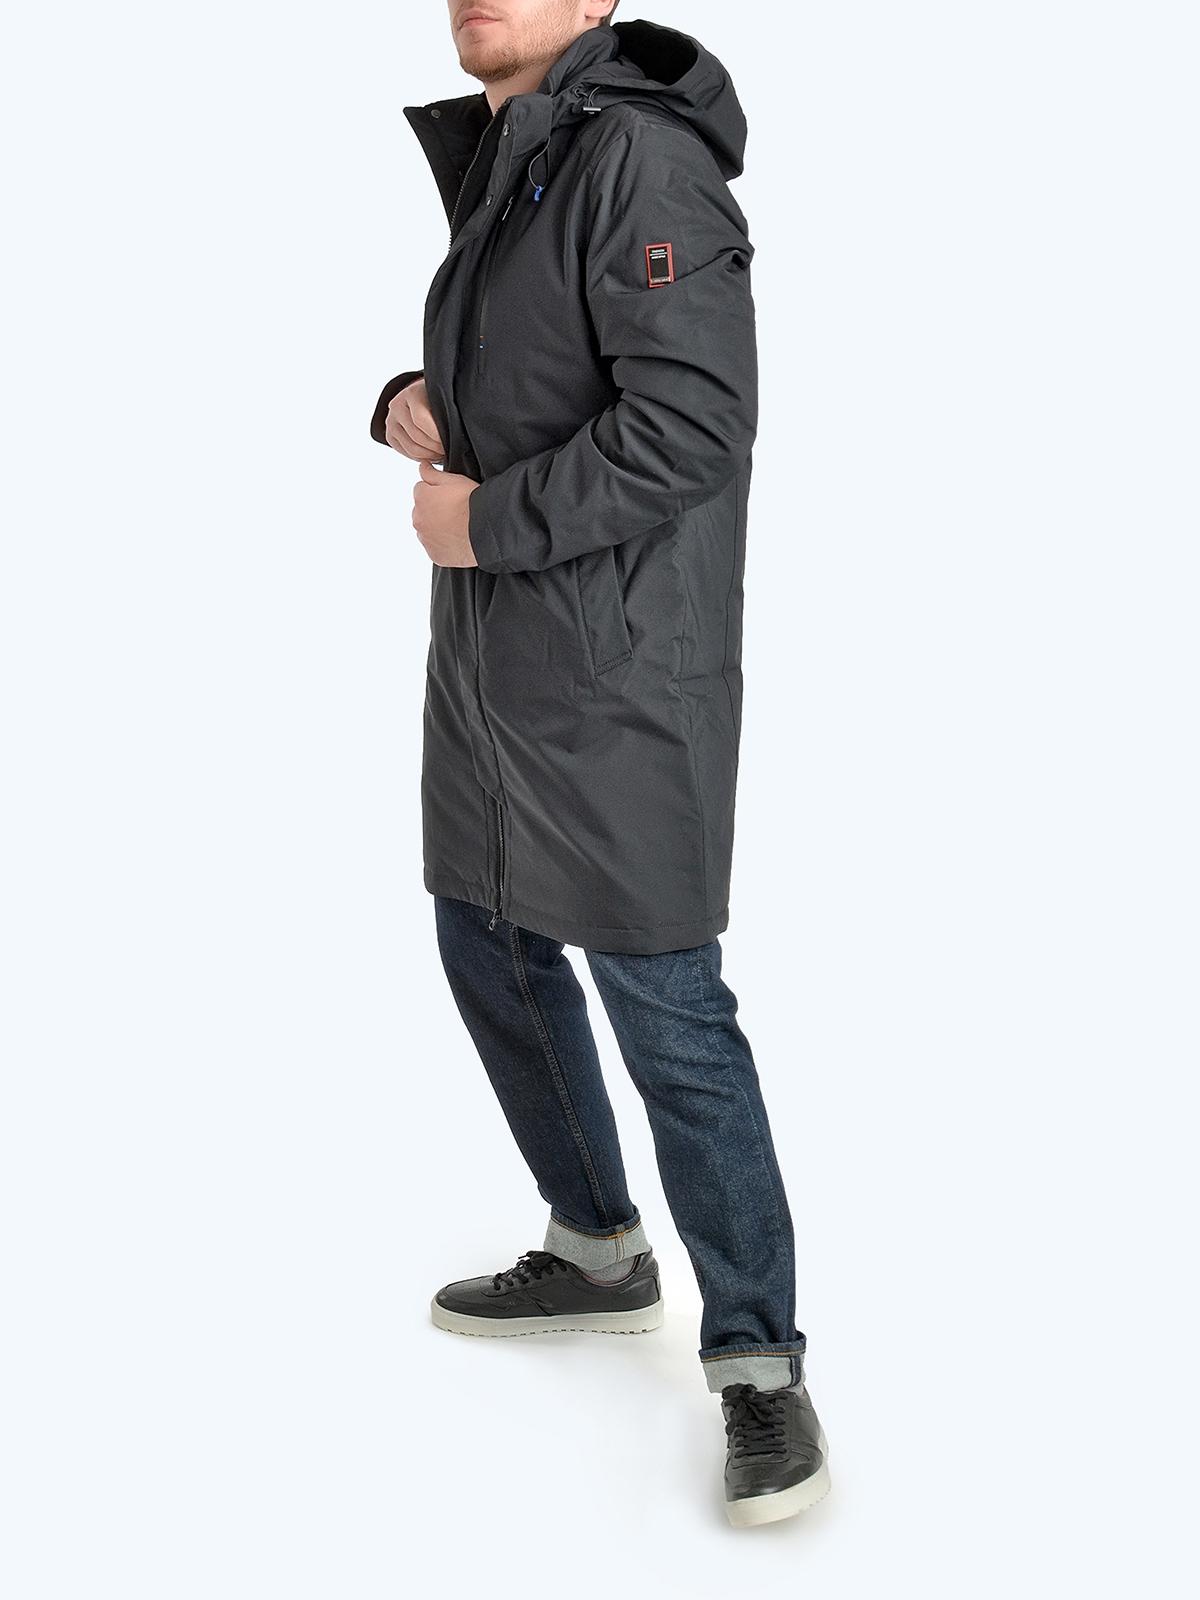 GRIZMAN Куртка 373086-025 Фото 2